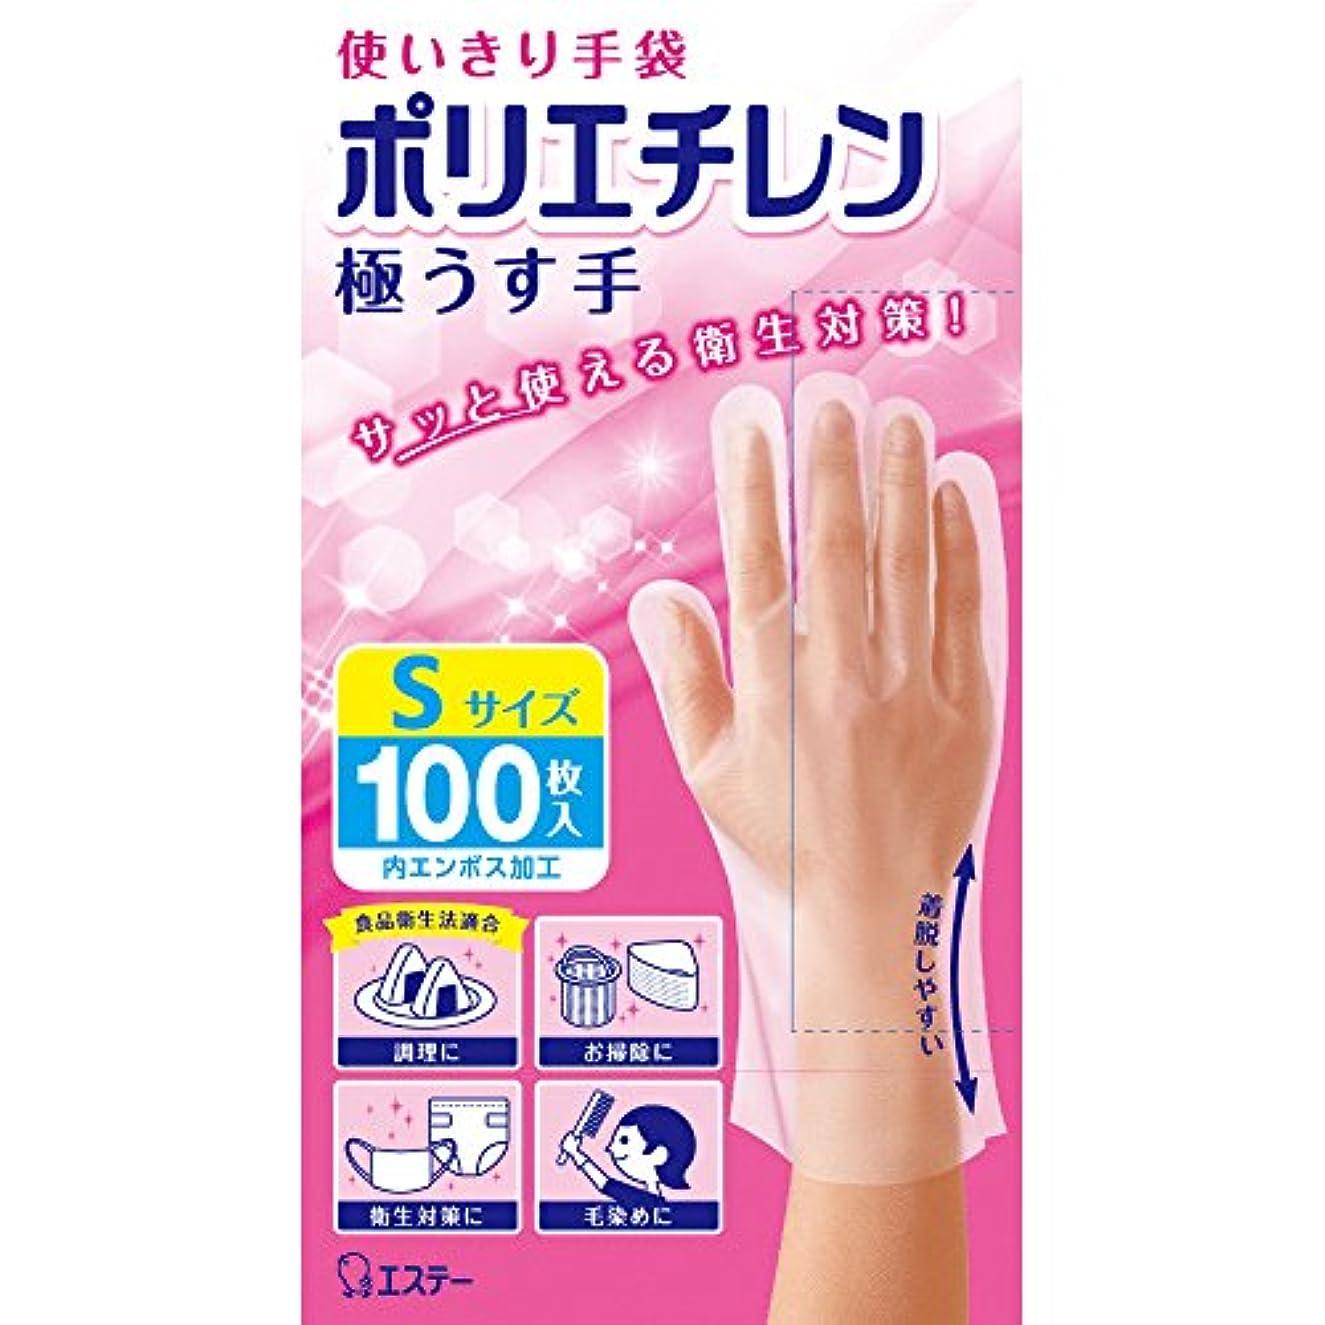 学習ファイナンスインストラクター使いきり手袋 ポリエチレン 極うす手 Sサイズ 半透明 100枚